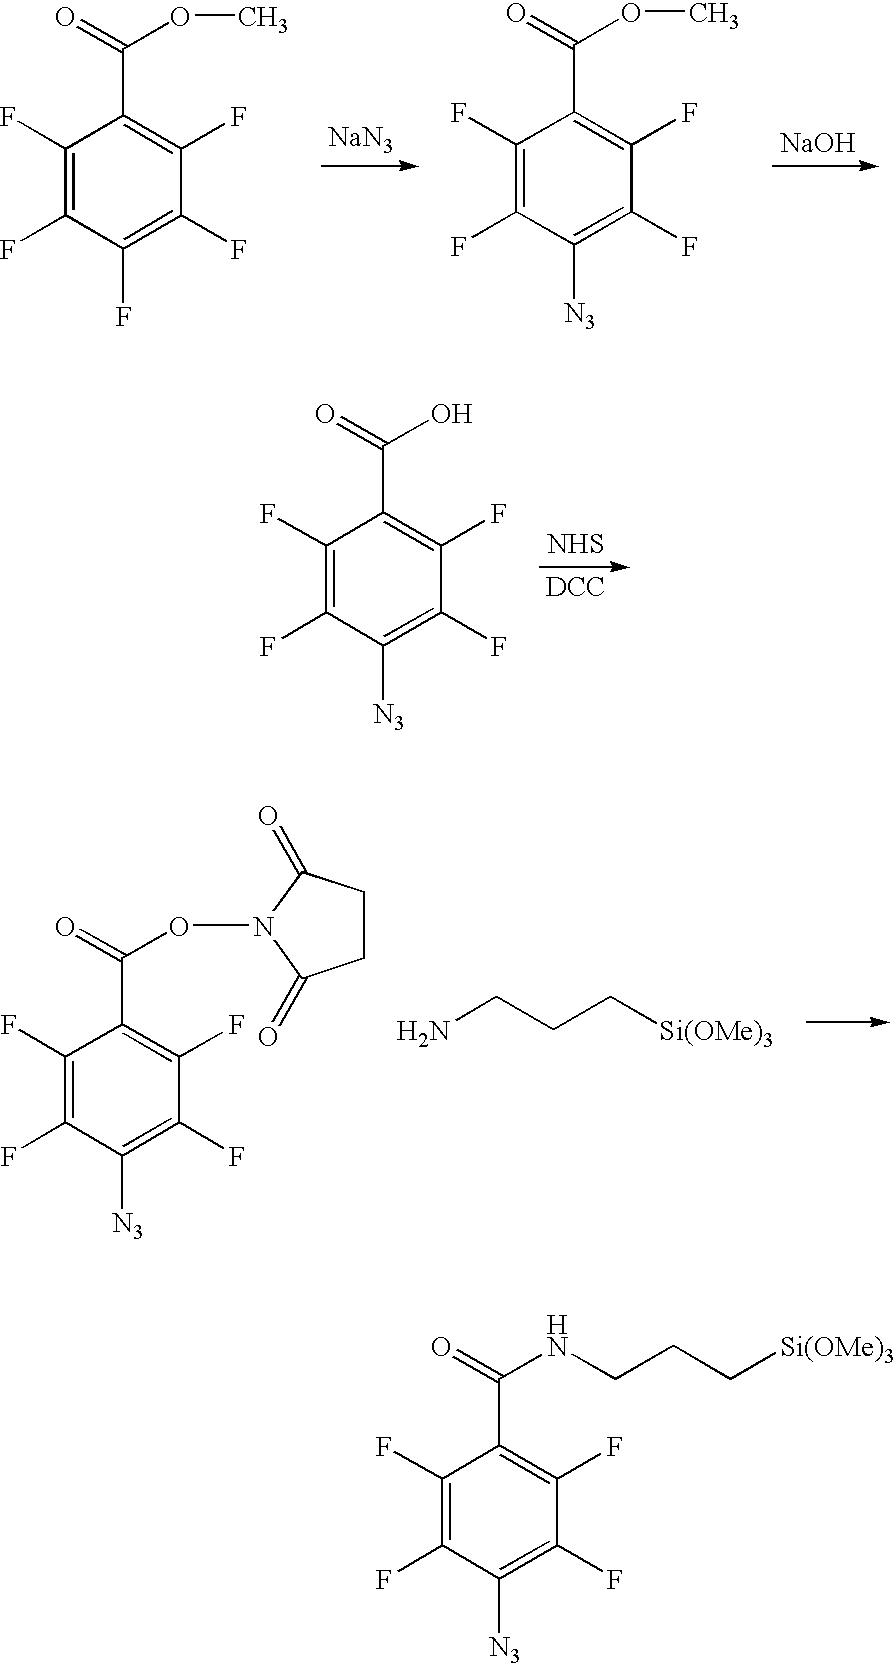 Figure US20100028559A1-20100204-C00016